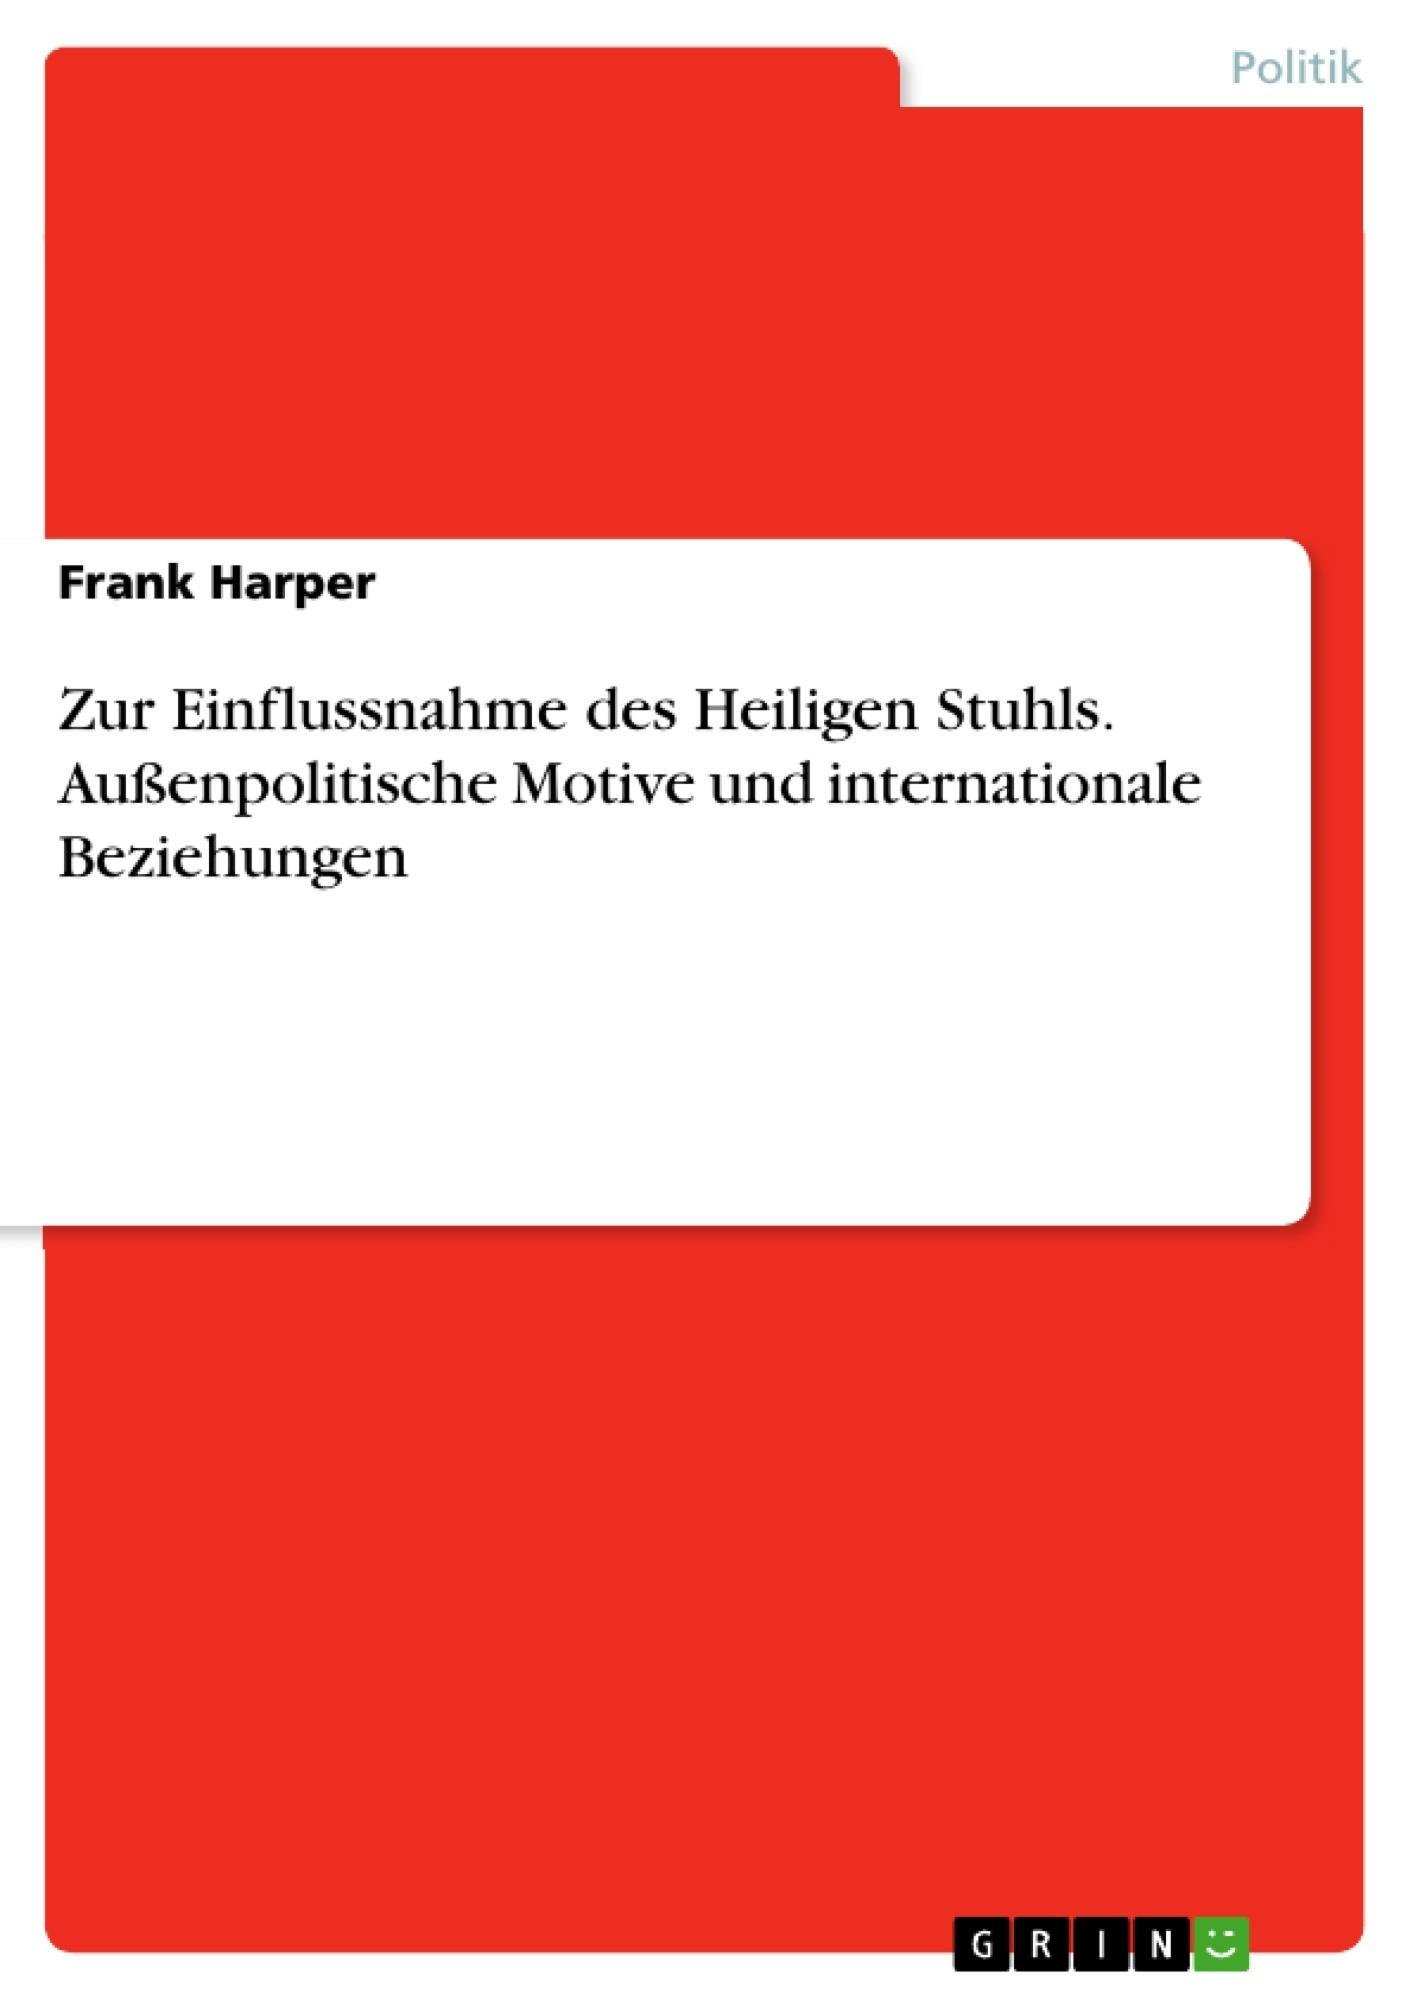 Titel: Zur Einflussnahme des Heiligen Stuhls. Außenpolitische Motive und internationale Beziehungen